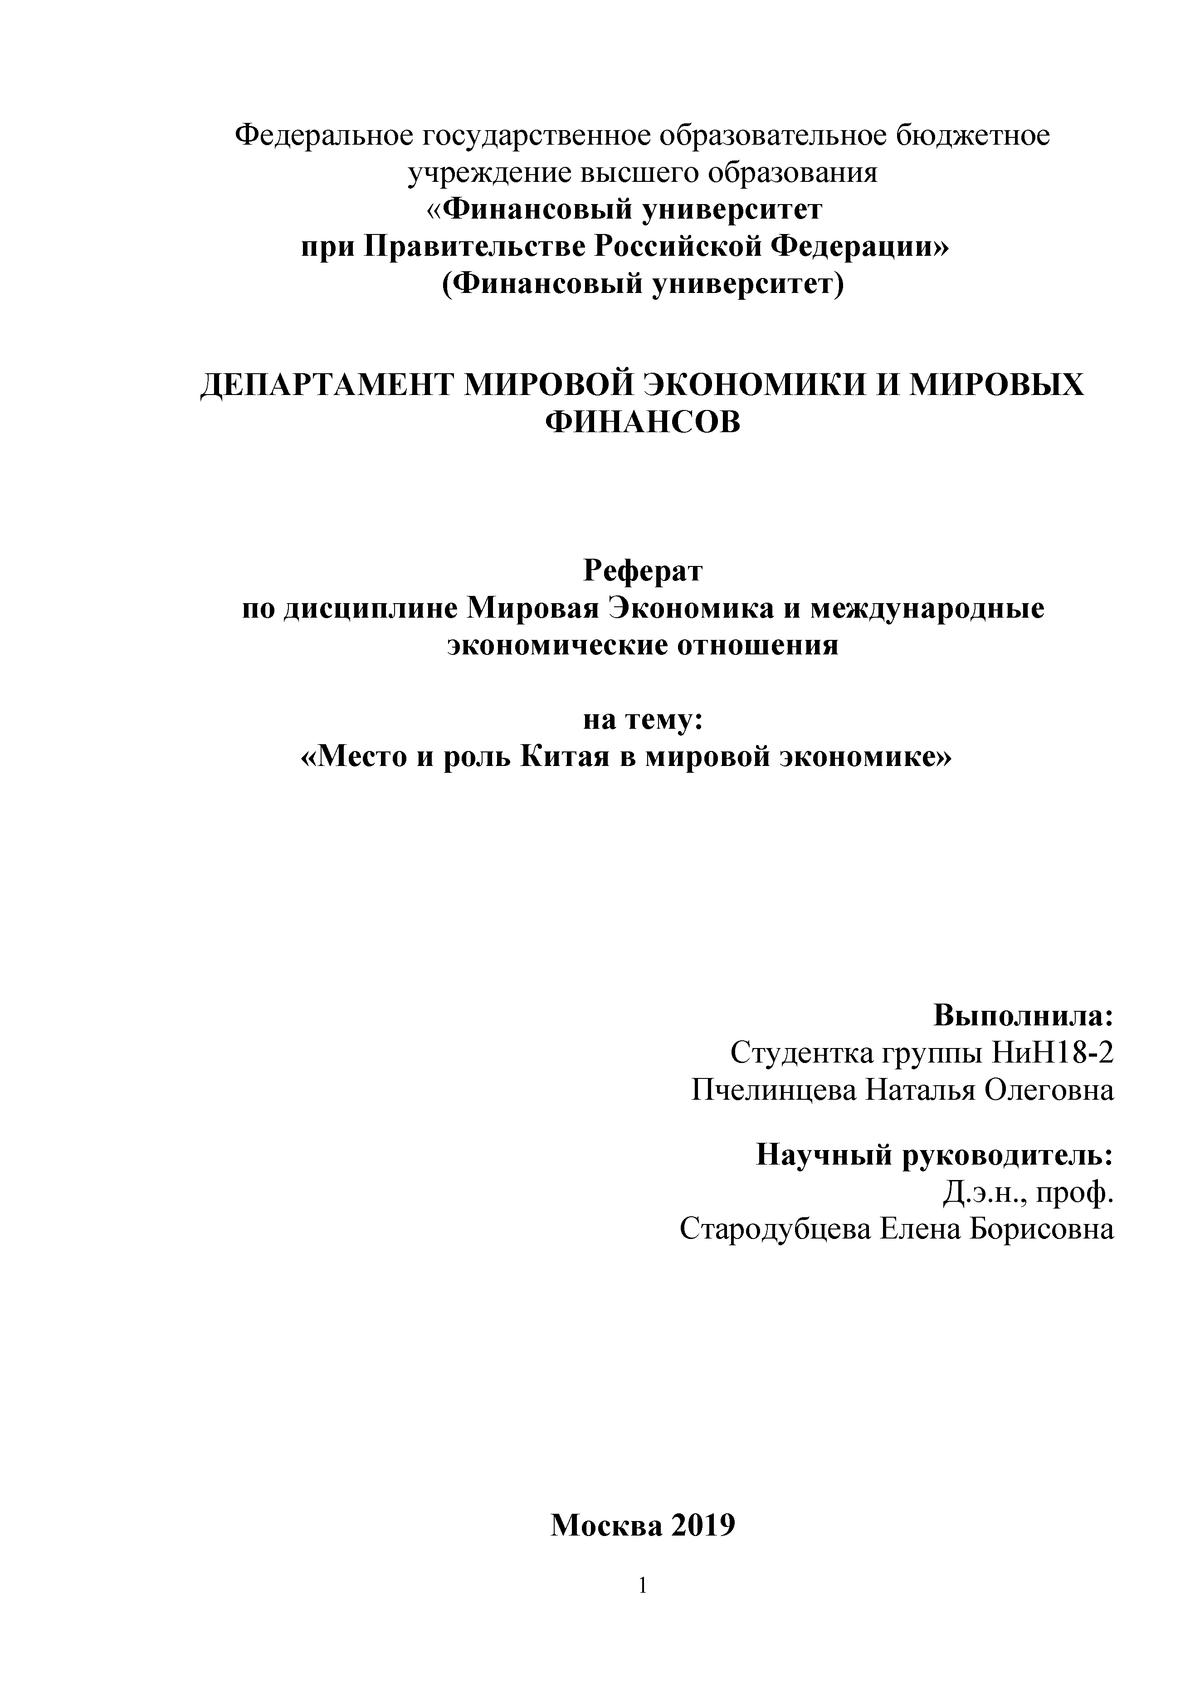 Реферат мировая экономика и международные отношения 3152